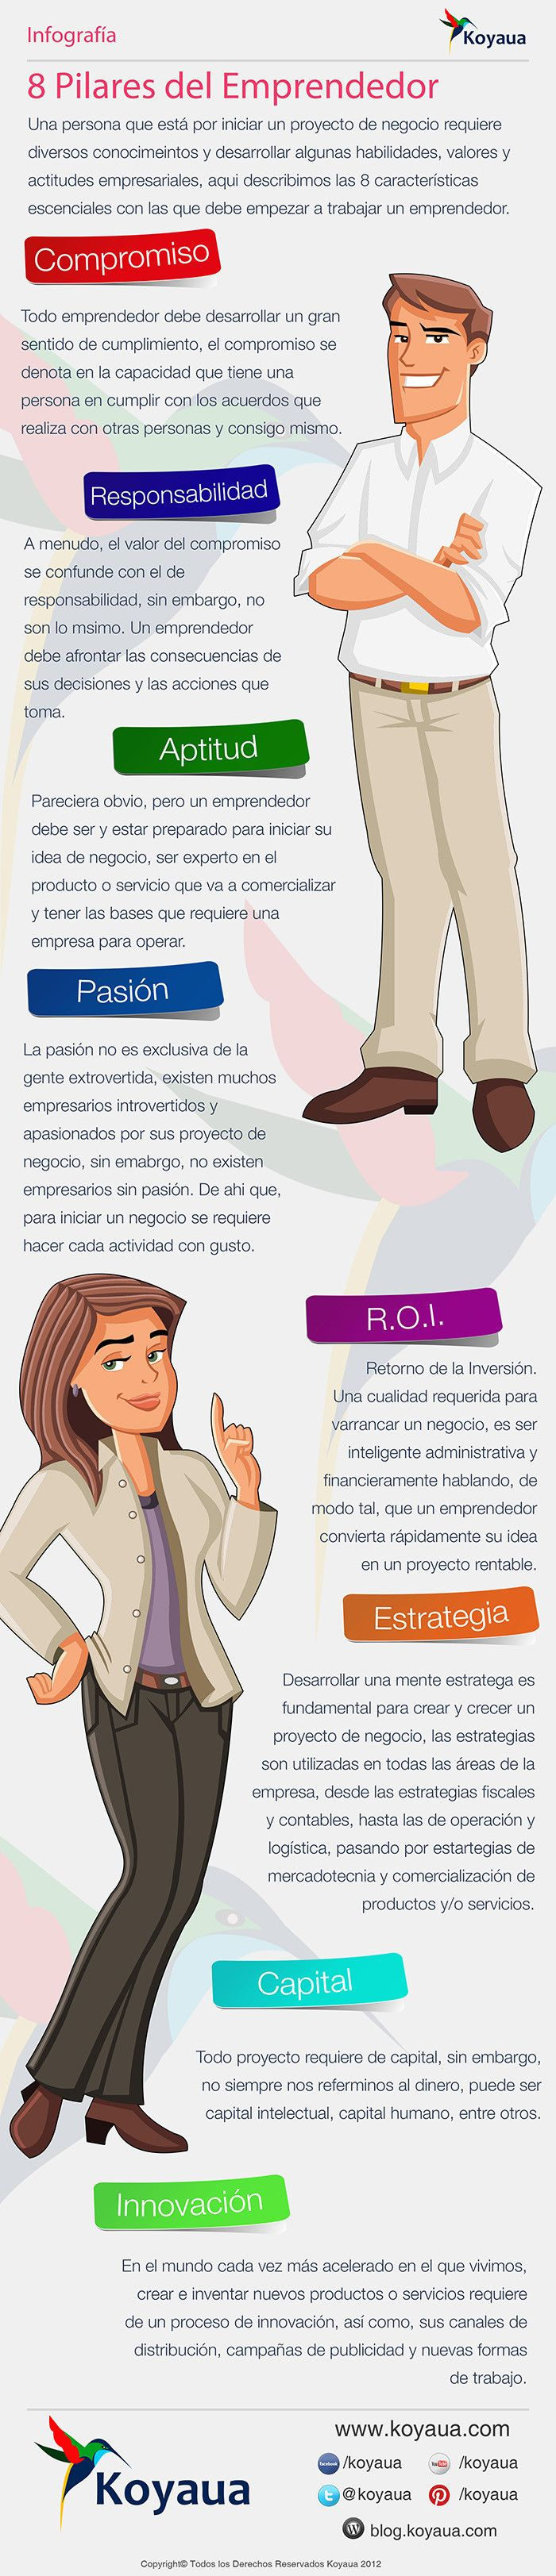 Los 8 pilares del emprendedor | Negocios Y Emprendimiento #Empresa #Emprendimiento #Comunicacion #marketing